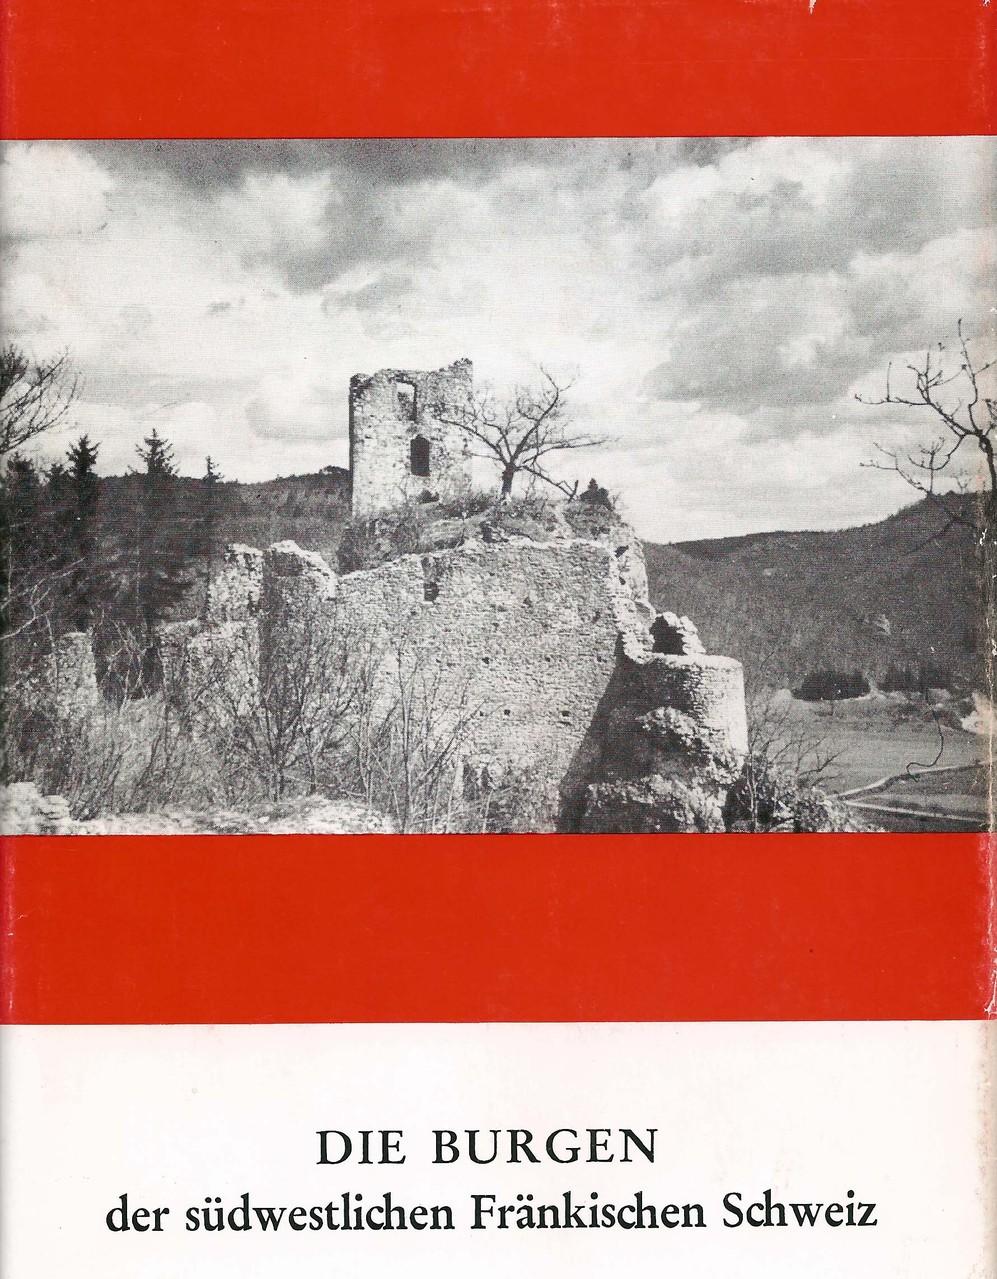 H. Kunstmann, 1971: Die Burgen der südwestlichen Fränkischen Schweiz mit Umschlagbild der Ruine Neideck